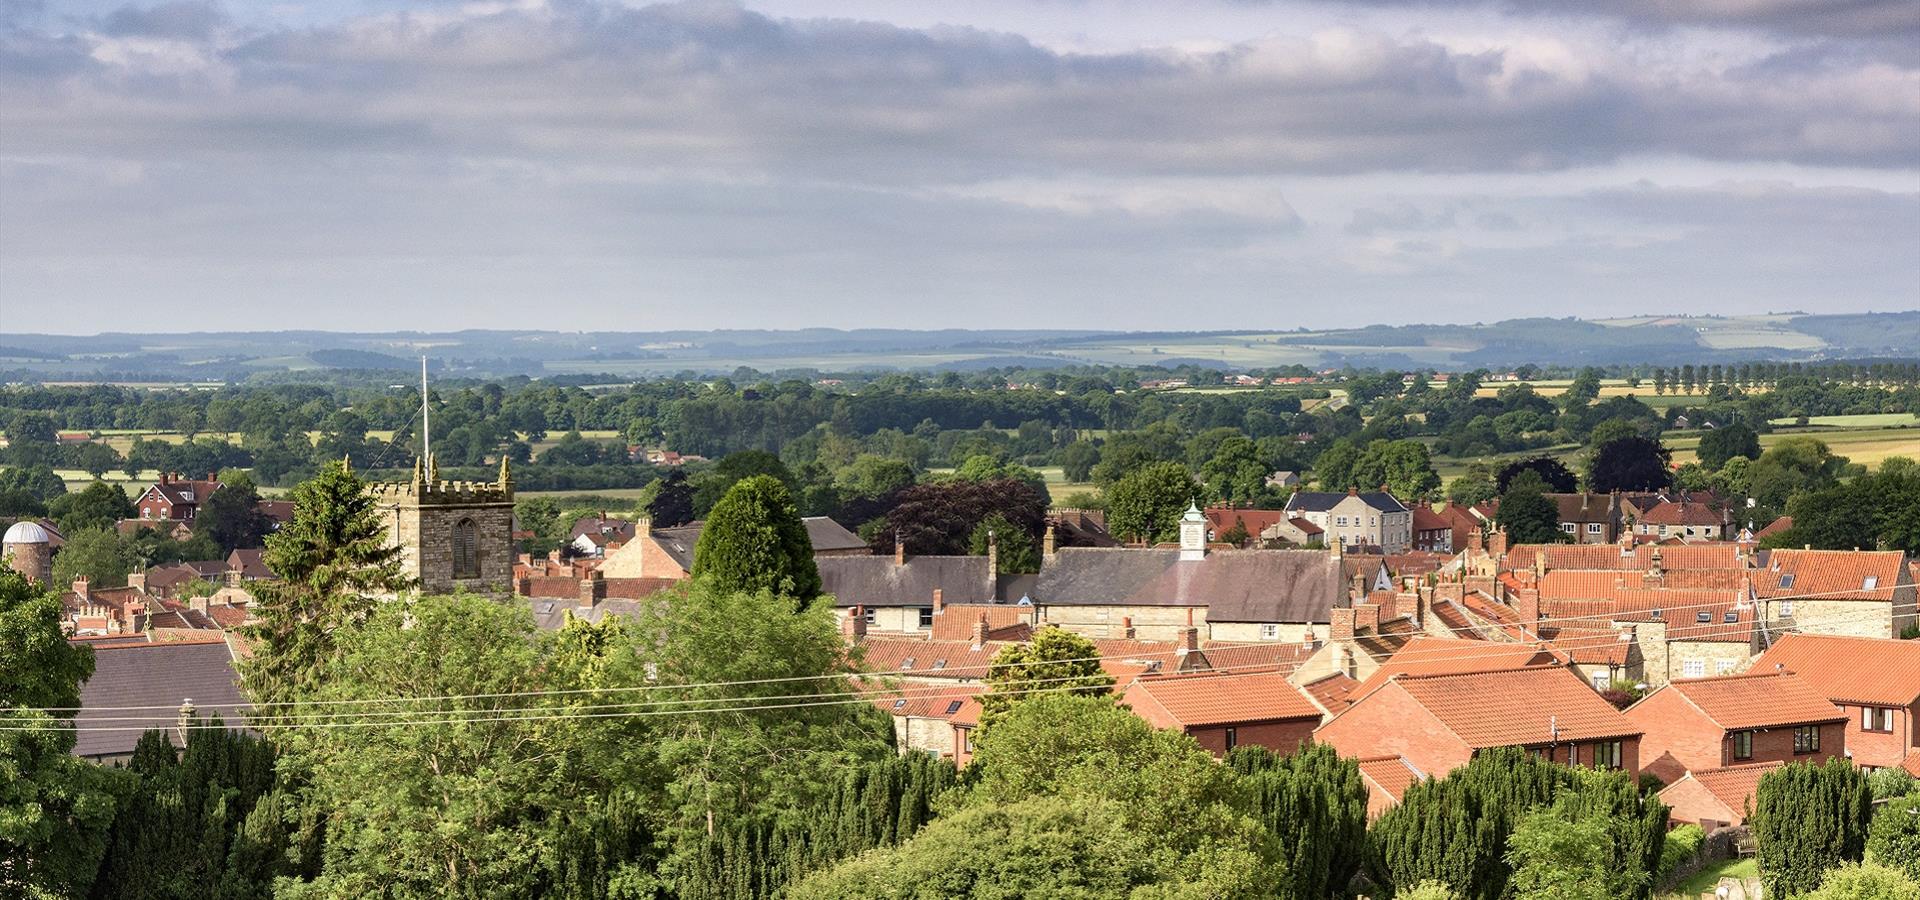 An Image of Kirkbymoorside by Richard Burdon